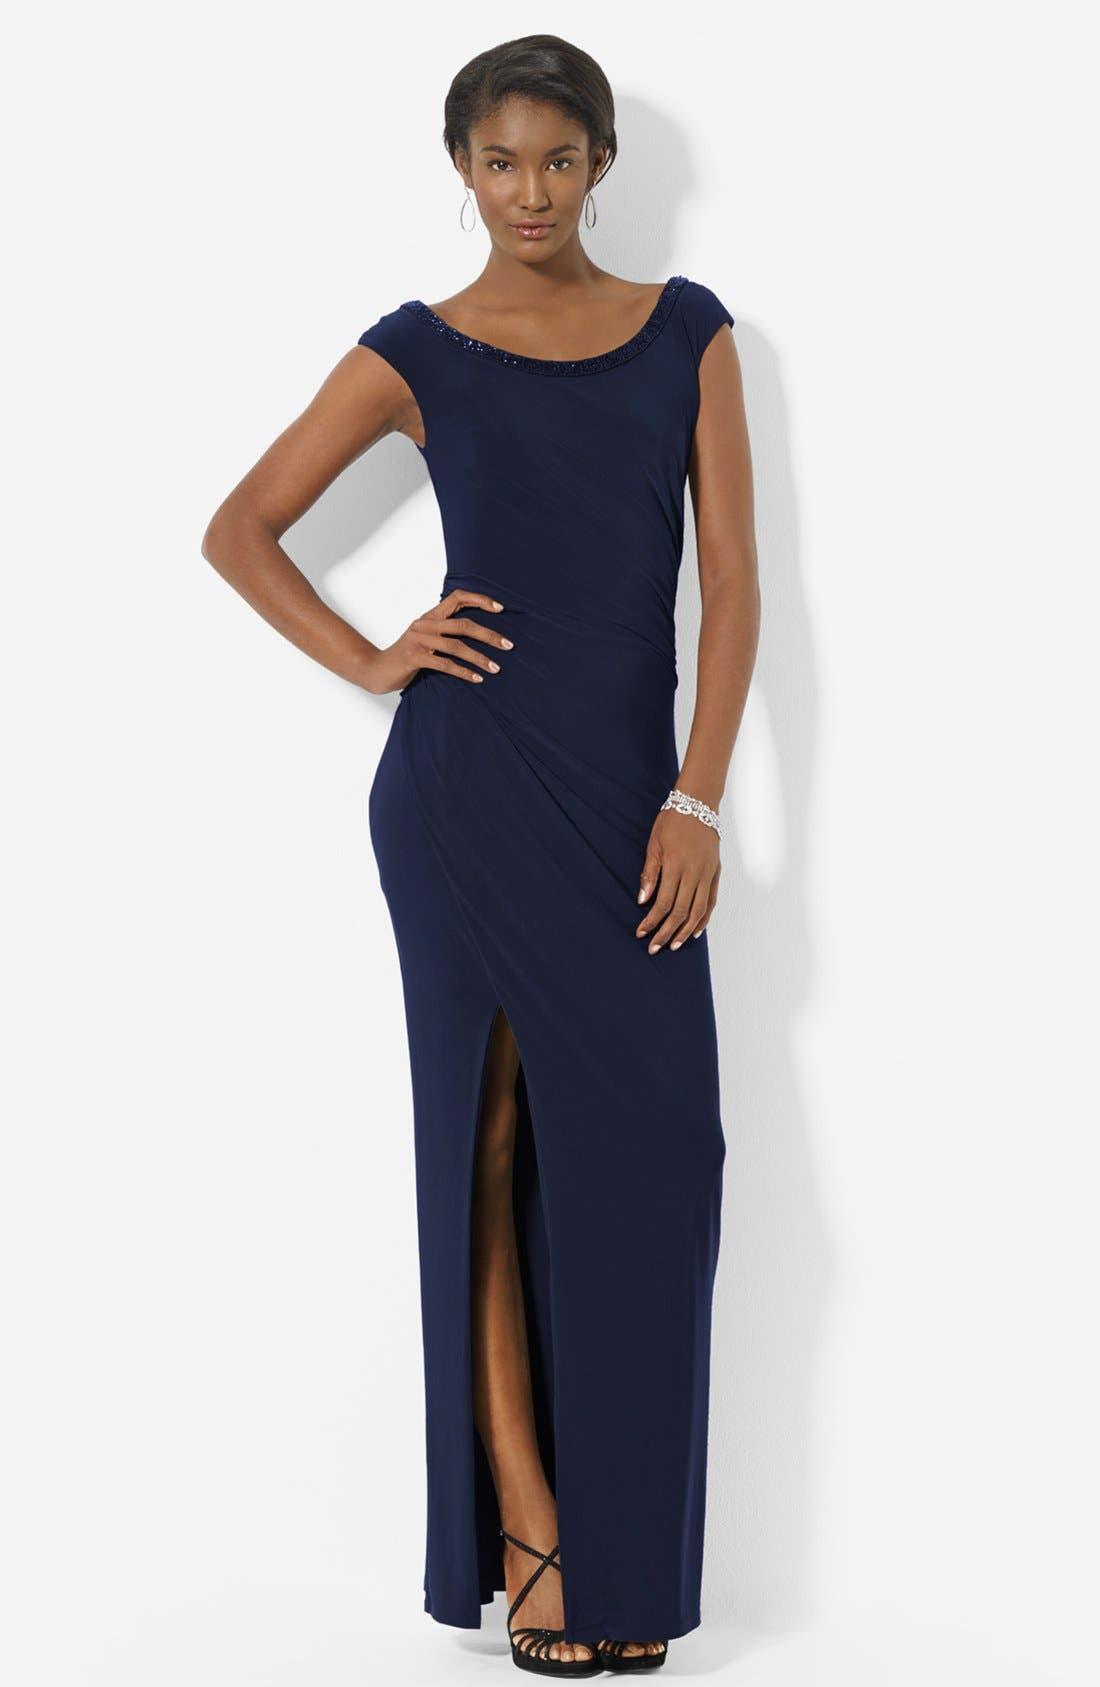 Main Image - Lauren Ralph Lauren Beaded Scoop Neck Matte Jersey Gown